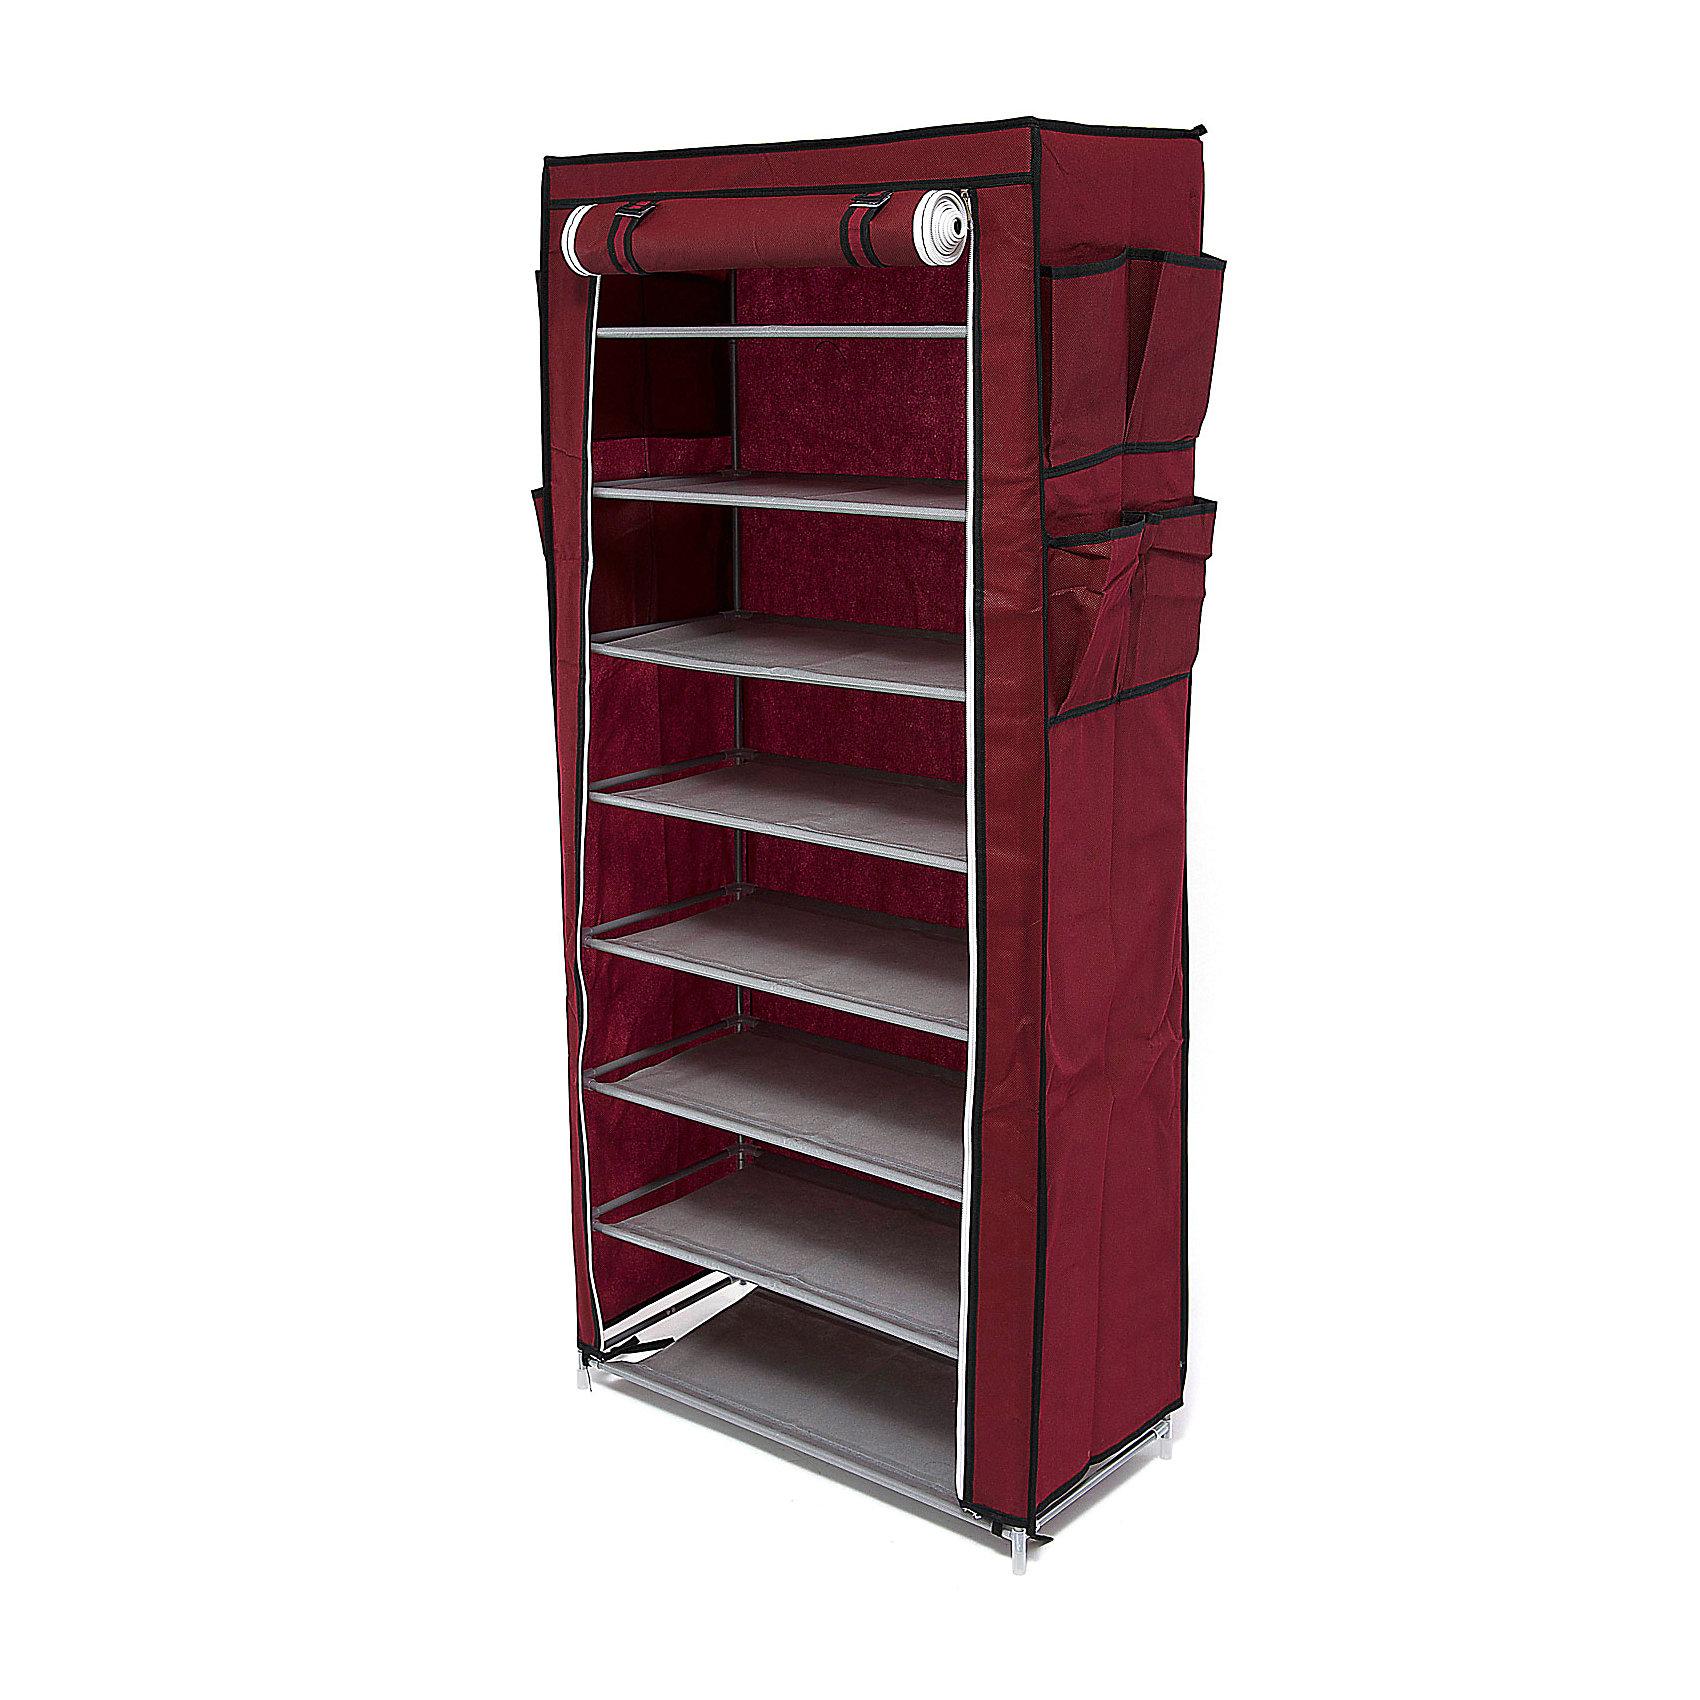 Тканевый шкаф для обуви и аксессуаров Элис, Homsu, бордовыйПорядок в детской<br>Характеристики товара:<br><br>• цвет: бордовый<br>• материал: металл, пластик, текстиль<br>• размер: 60х30х136 см<br>• вес: 3 кг<br>• застежка: молния<br>• твердый каркас<br>• вместимость: 8 полок 60х30 см, 4 кармана<br>• страна бренда: Россия<br>• страна изготовитель: Китай<br><br>Тканевый шкаф для обуви и аксессуаров Элис, Homsu (Хомсу) - очень удобная вещь для хранения вещей и эргономичной организации пространства.<br><br>Он состоит из восьми отделений, легко собирается и разбирается, позволяет удобно разместить обувь и разные мелочи.<br><br>Тканевый шкаф для обуви и аксессуаров Элис, Homsu можно купить в нашем интернет-магазине.<br><br>Ширина мм: 600<br>Глубина мм: 260<br>Высота мм: 70<br>Вес г: 3000<br>Возраст от месяцев: 216<br>Возраст до месяцев: 1188<br>Пол: Унисекс<br>Возраст: Детский<br>SKU: 5620241